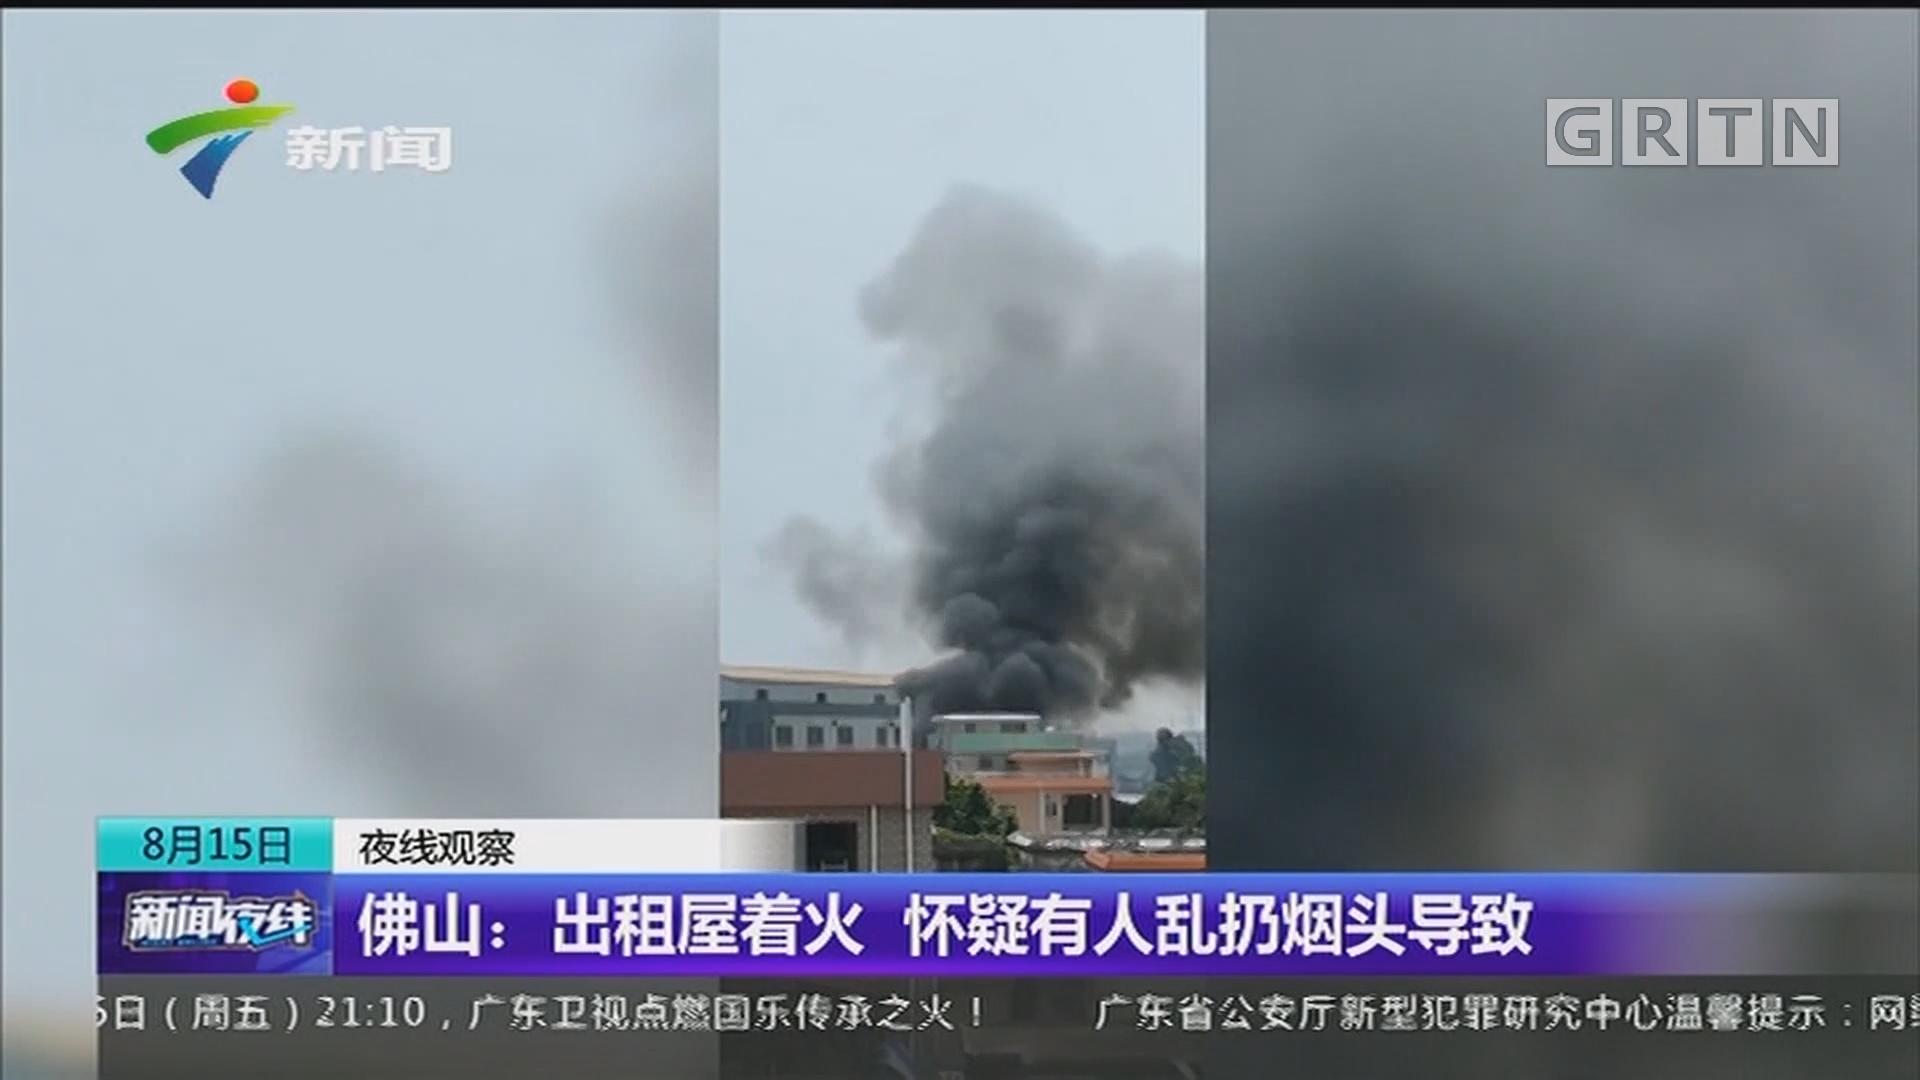 佛山:出租屋着火 怀疑有人乱扔烟头导致